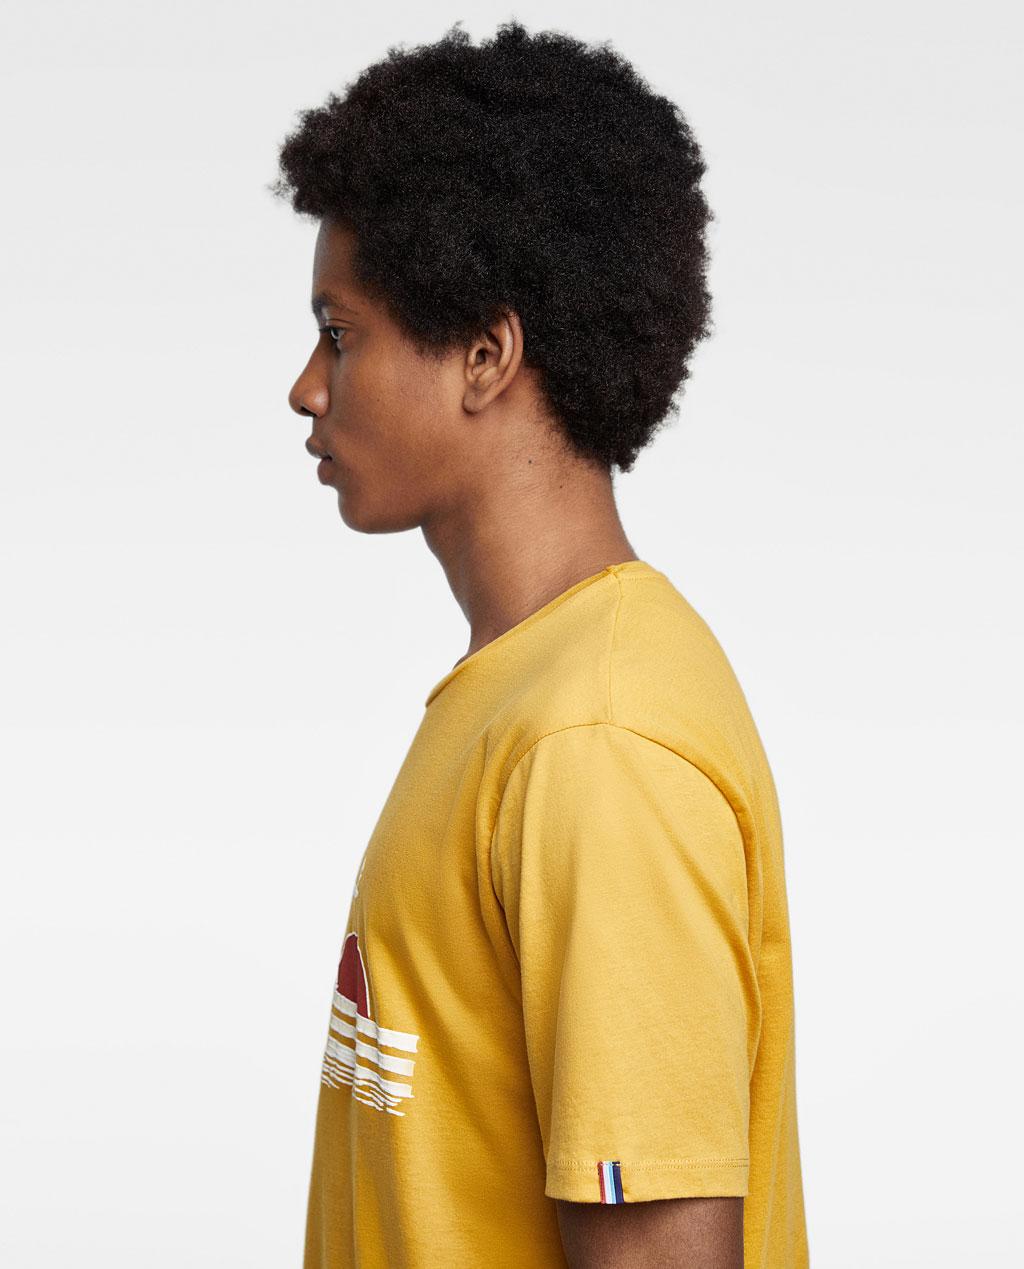 Thời trang nam Zara  24004 - ảnh 7